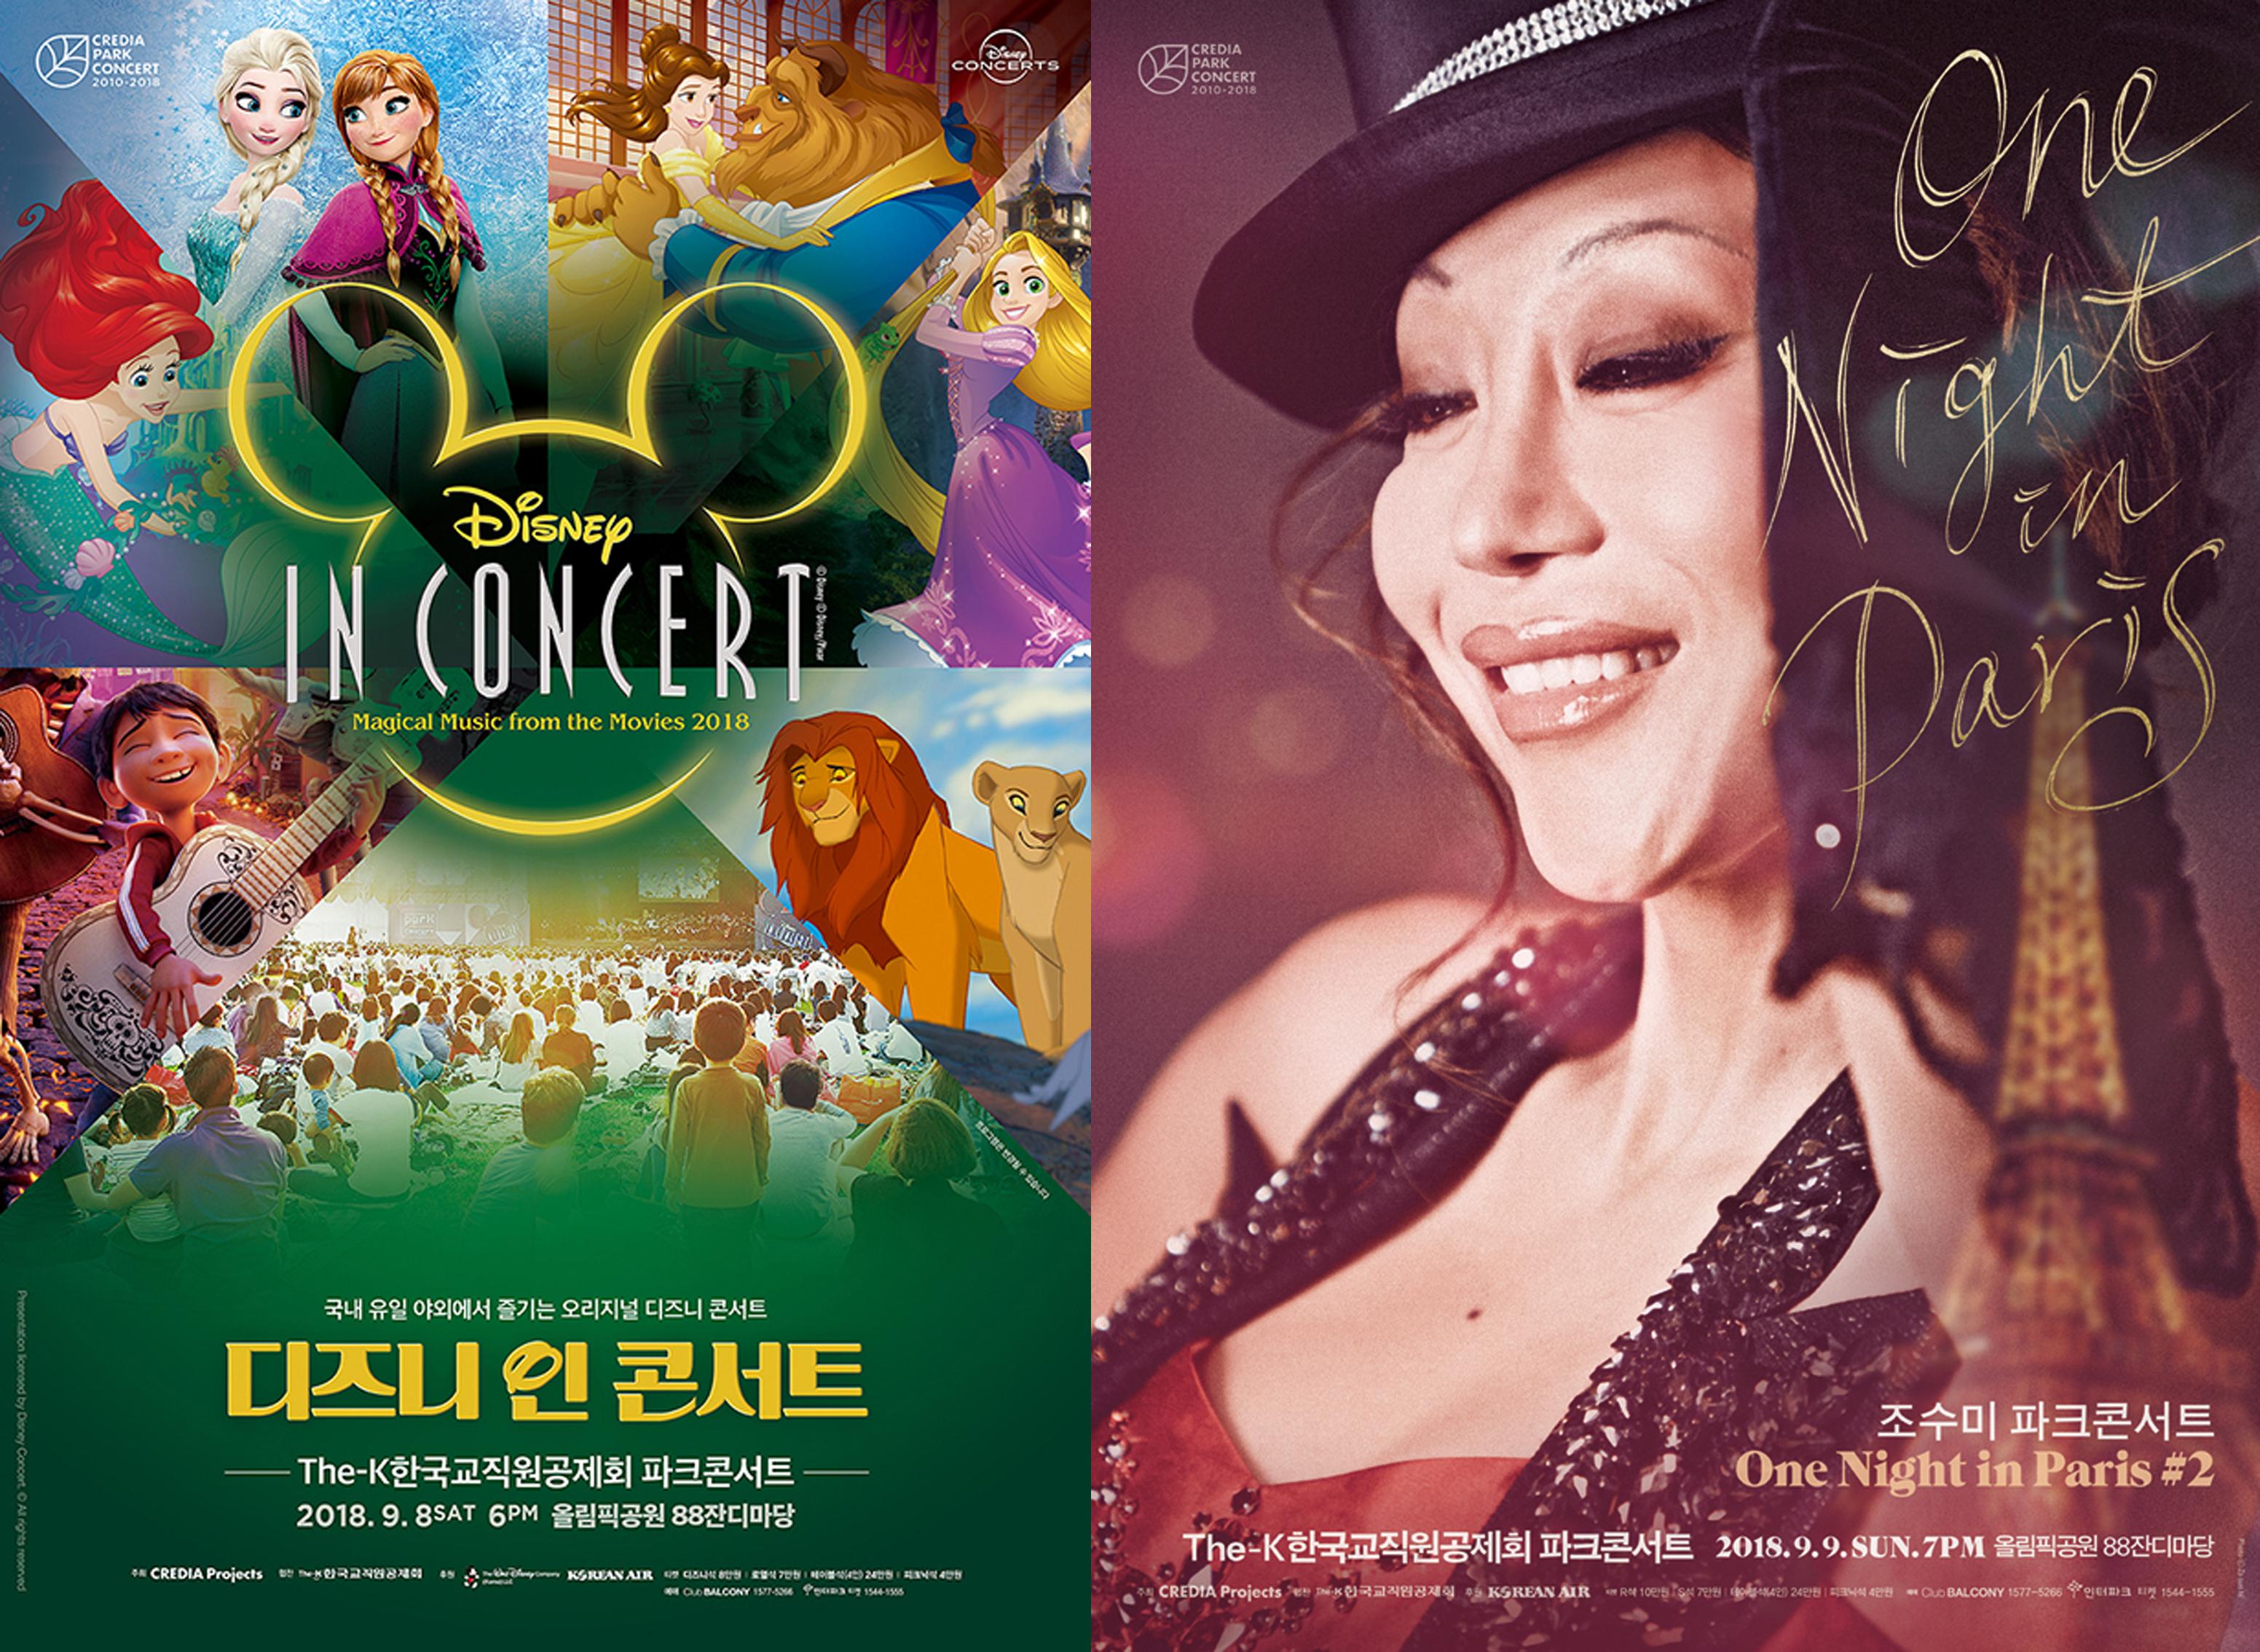 [공연] 국내 유일 야외에서 즐기는 콘서트. 디즈니 인 콘서트/조수미 파크콘서트